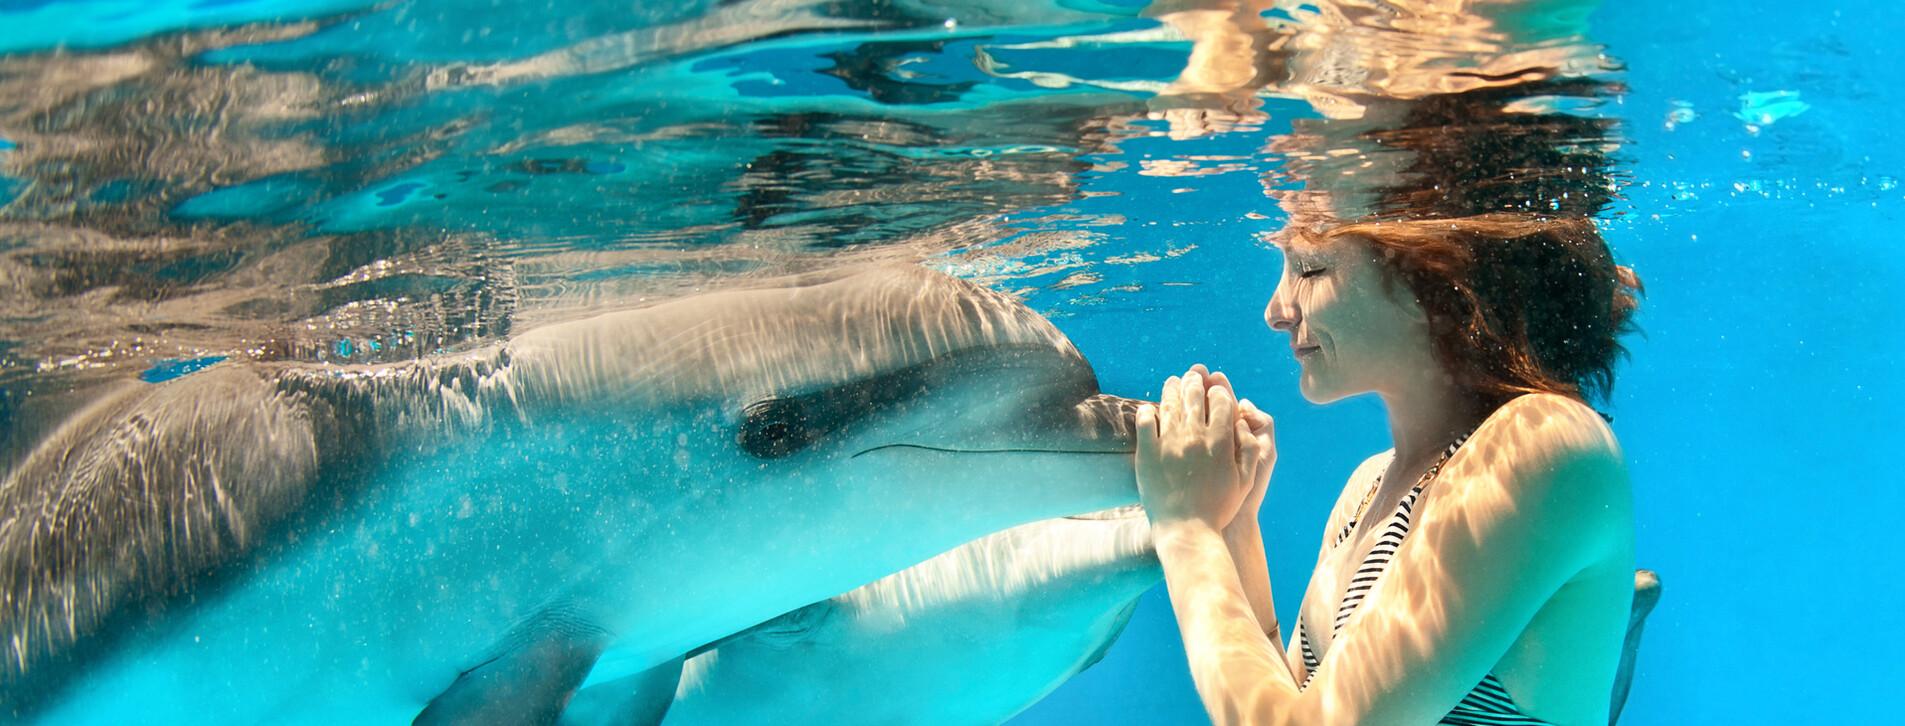 Фото 1 - Плавание с дельфинами для компании